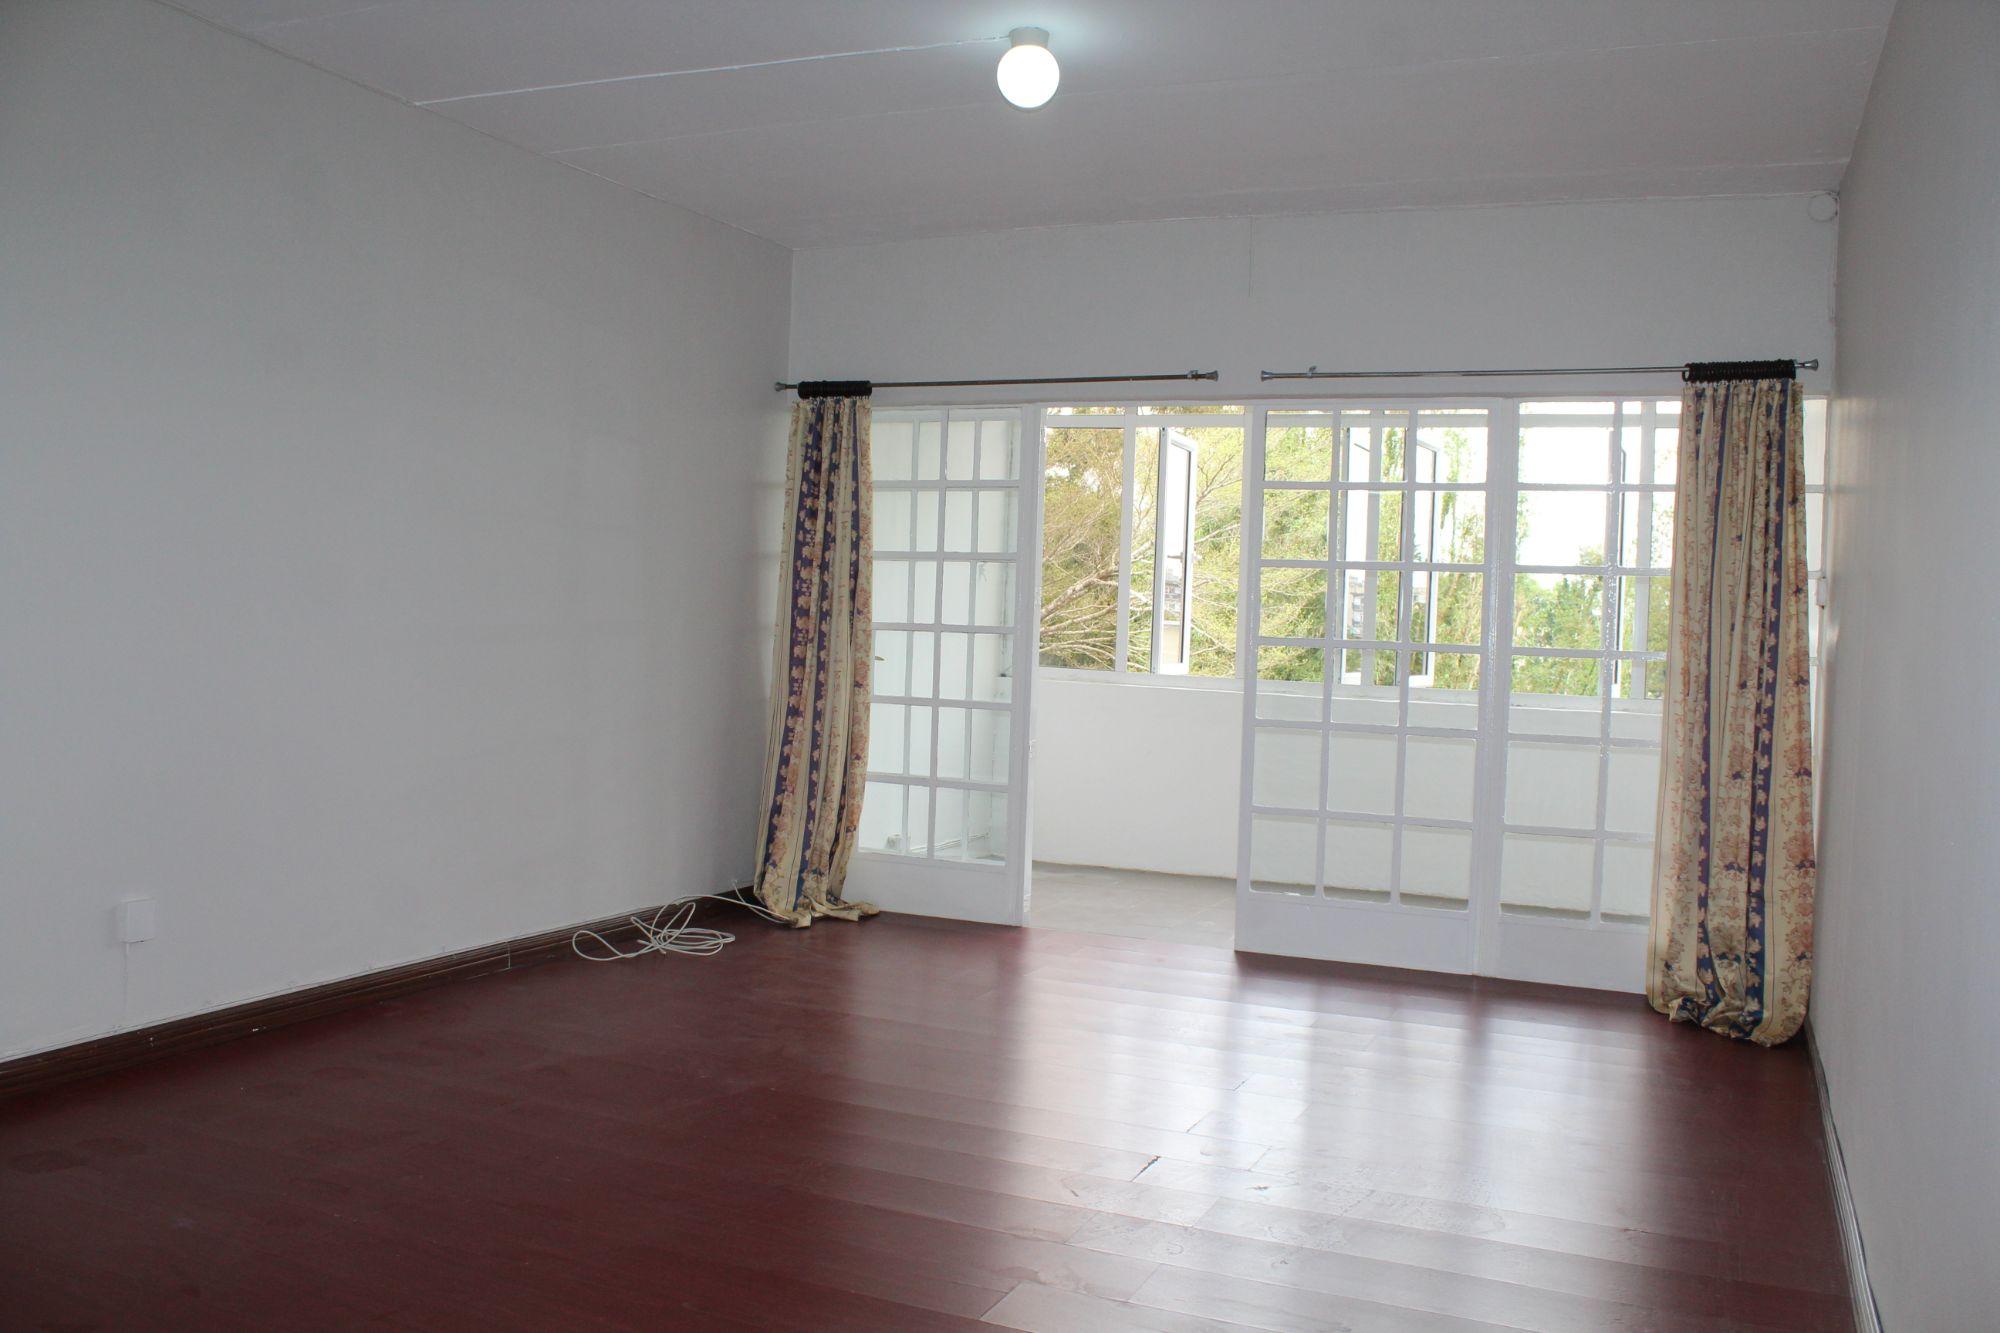 Bel appartement non-meublé de 80 m2 situé au 2ème étage (sans ascenseur) d'une résidence avec un grand jardin commun à Curepipe.